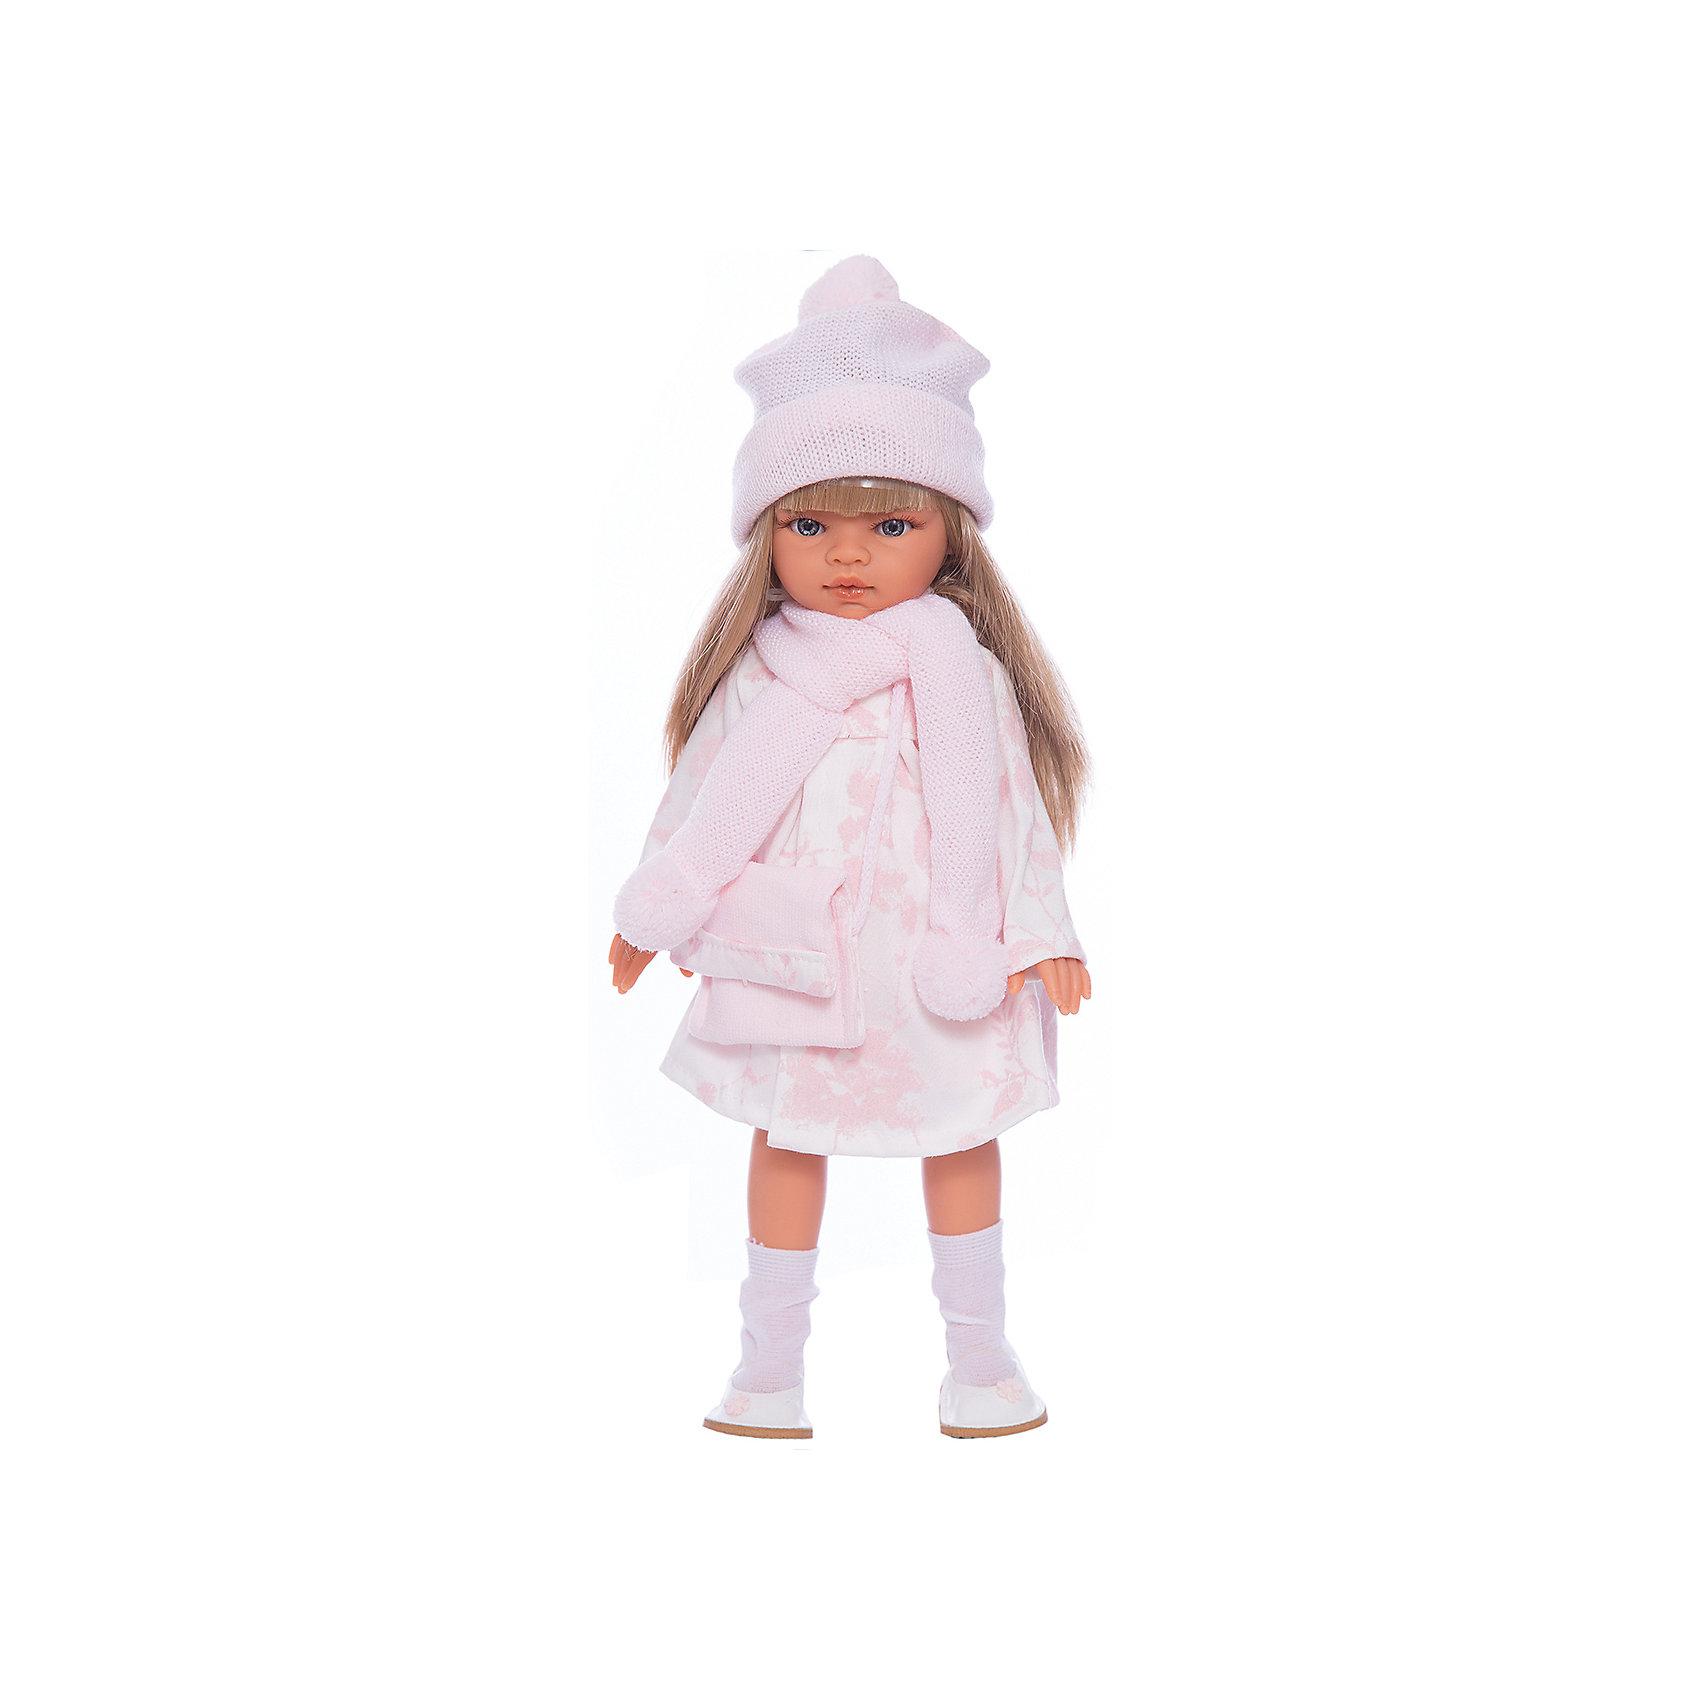 Кукла Эмили, блондинка, 33 см, Munecas Antonio JuanКукла Эмили, блондинка, 33 см, Munecas Antonio Juan (Мунекас Антонио Хуан) – красивая кукла в осеннем наряде порадует вашу девочку.<br>Очаровательная девочка Эмили - это высококачественная кукла, созданная испанским производителем Мунекас Антонио Хуан. У Эмили грациозная стройная фигура и симпатичное лицо, выполненное с тщательной прорисовкой деталей. Выразительные глазки обрамлены длинными ресницами. Длинные густые шелковистые волосы легко расчесывать и делать различные прически. Руки, ноги и голова куклы подвижны. Глаза не закрываются. Стильный наряд куклы создан испанским дизайнером. Эмили одета в красивое розовое платье, бело-розовый плащ, розовые шапочку и шарф с помпонами. Завершает нежный романтический образ стильная сумочка и белые туфельки с цветочком. Кукла изготовлена из высококачественного винила с добавлением силикона.<br><br>Дополнительная информация:<br><br>- Высота куклы: 33 см.<br>- Материал: текстиль, высококачественный винил, силикон<br>- Упаковка: подарочная коробка<br>- Размер упаковки: 13х17х39 см.<br>- Вес: 750 гр.<br><br>Куклу Эмили, блондинку, 33 см, Munecas Antonio Juan (Мунекас Антонио Хуан) можно купить в нашем интернет-магазине.<br><br>Ширина мм: 130<br>Глубина мм: 170<br>Высота мм: 390<br>Вес г: 750<br>Возраст от месяцев: 36<br>Возраст до месяцев: 84<br>Пол: Женский<br>Возраст: Детский<br>SKU: 4347295